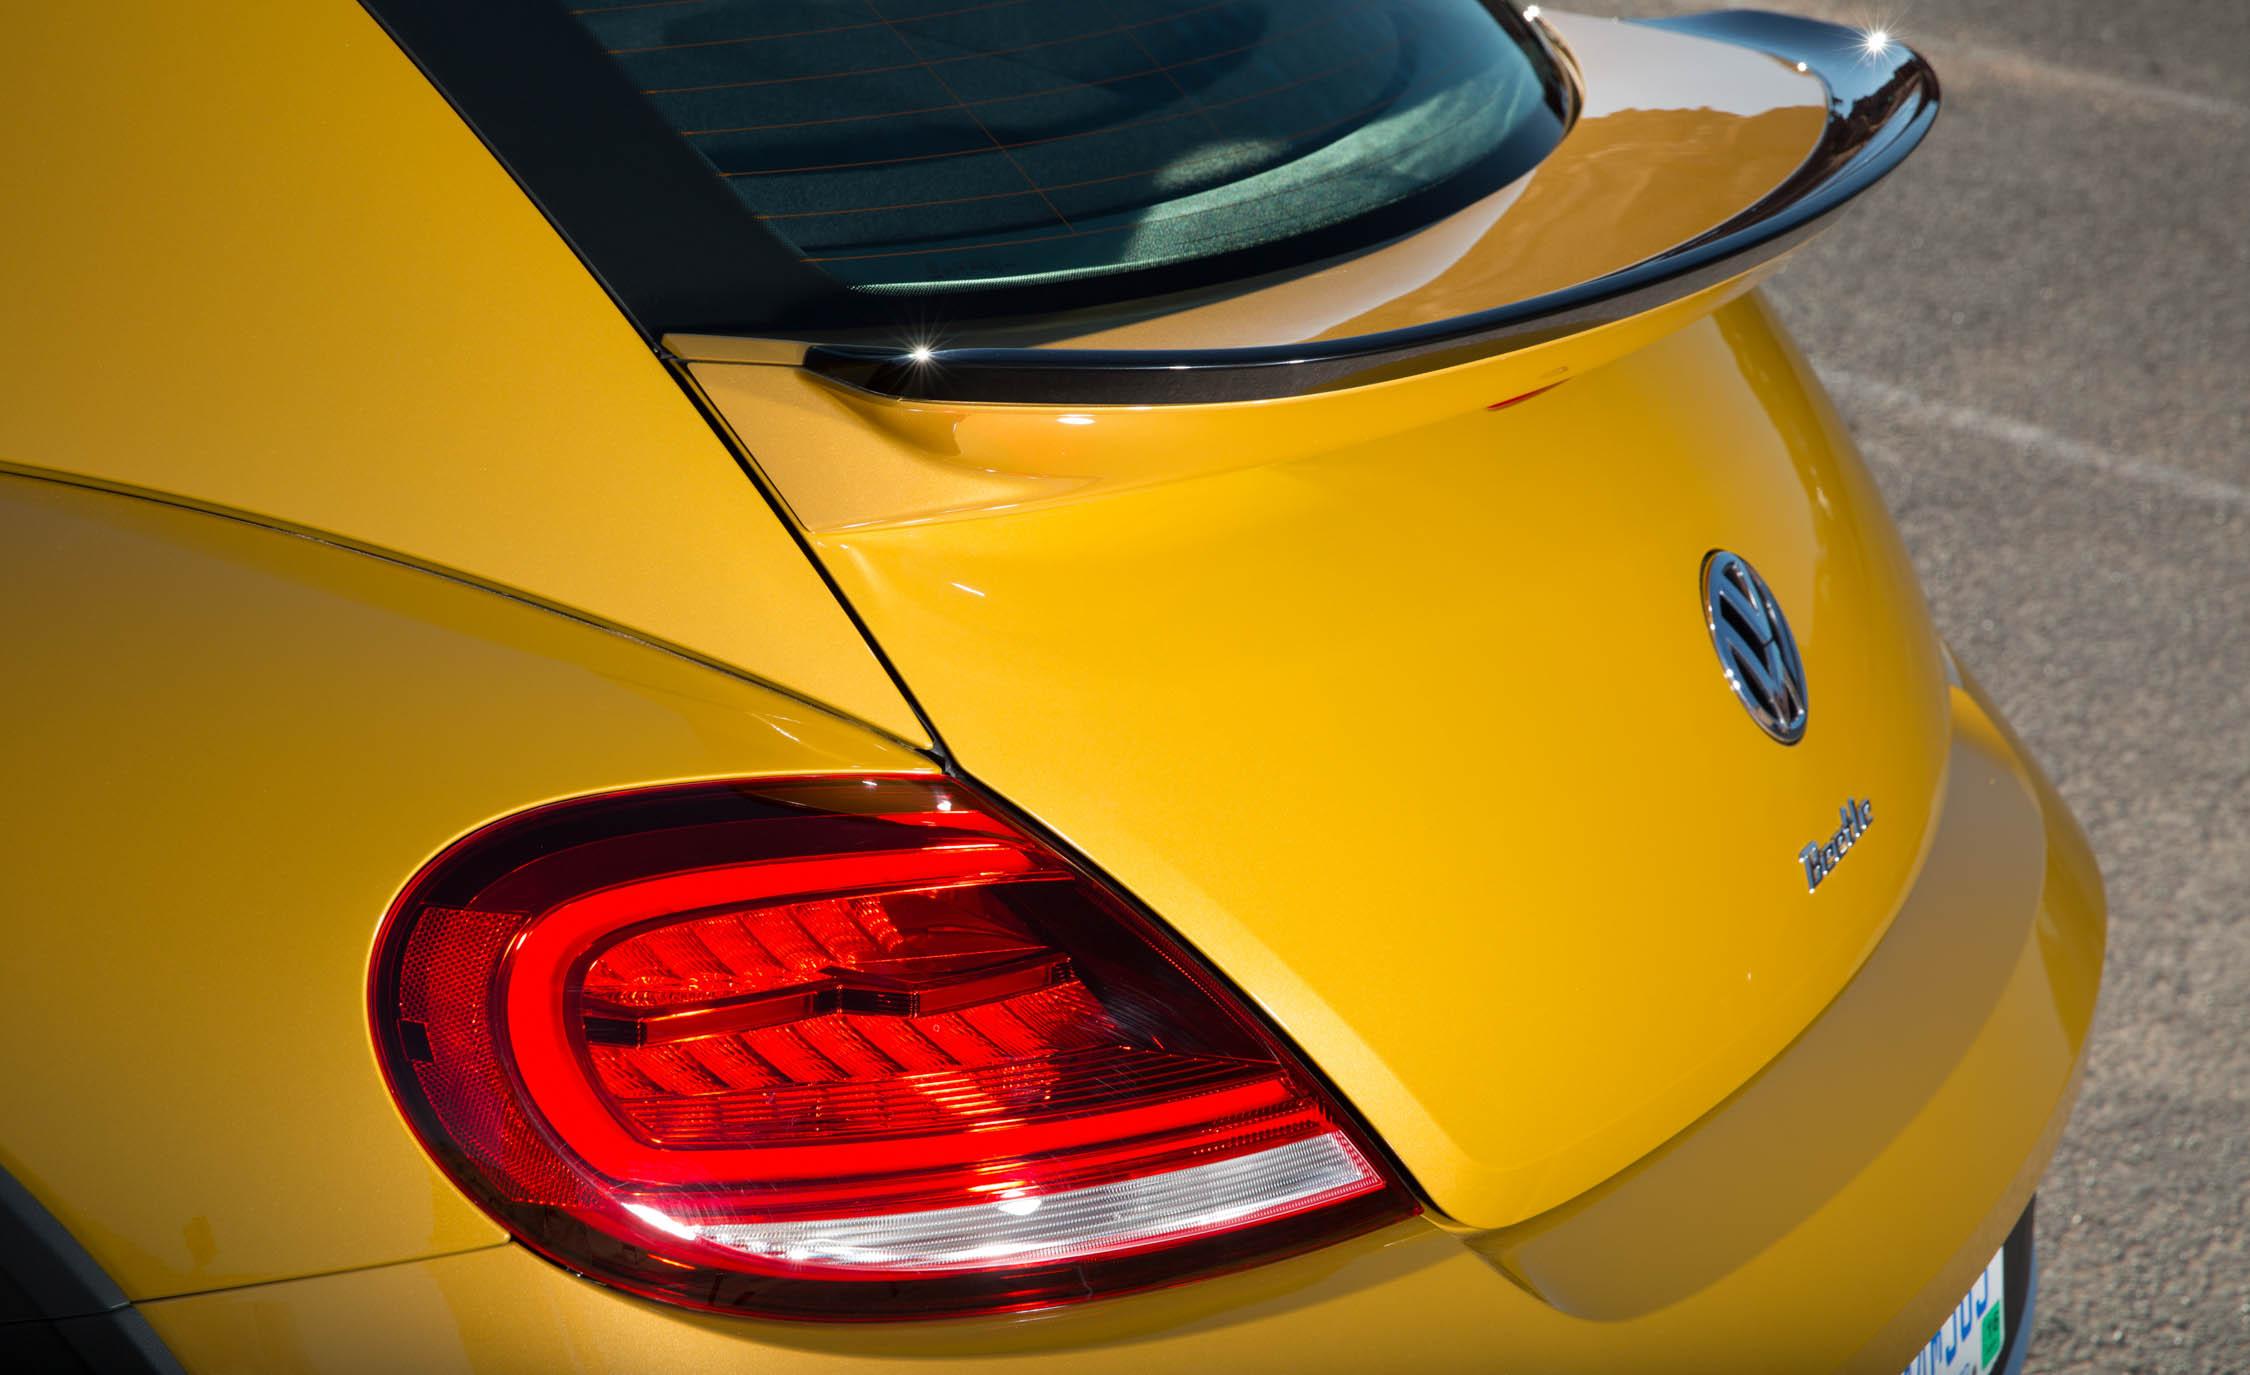 2016 Volkswagen Beetle Dune Exterior Taillight (View 2 of 32)